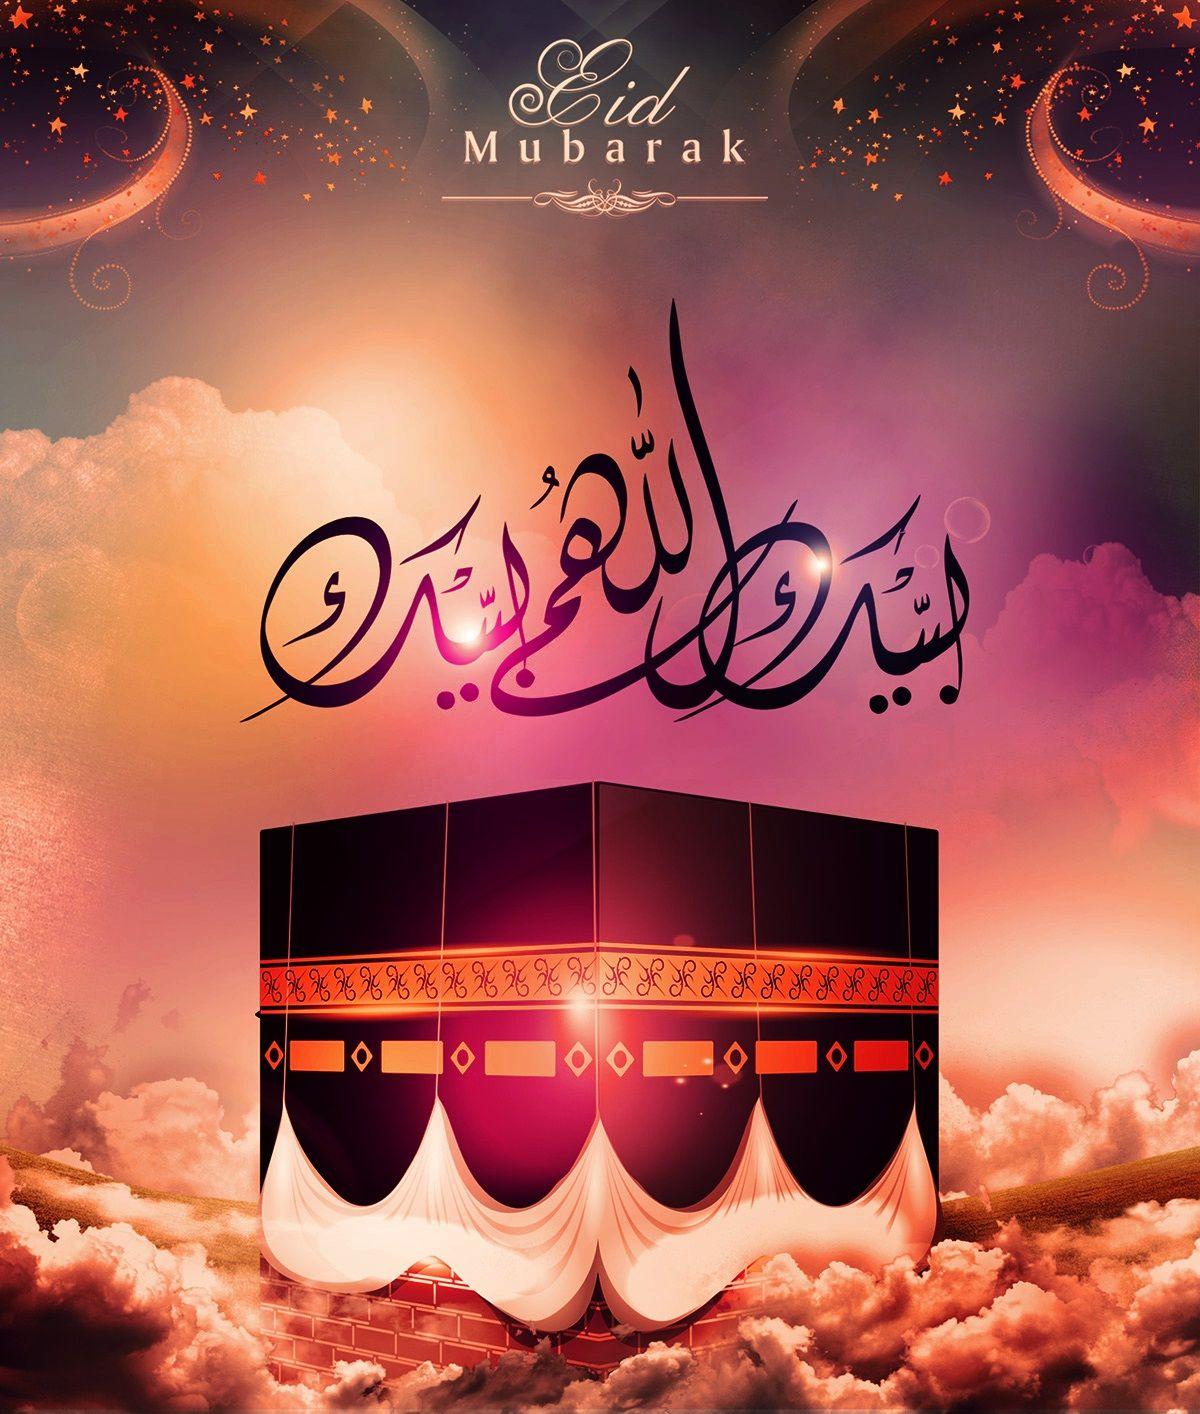 Eid Al Fitr Eid Mubarak Images Eid Ul Adha Mubarak Greetings Eid Ul Adha